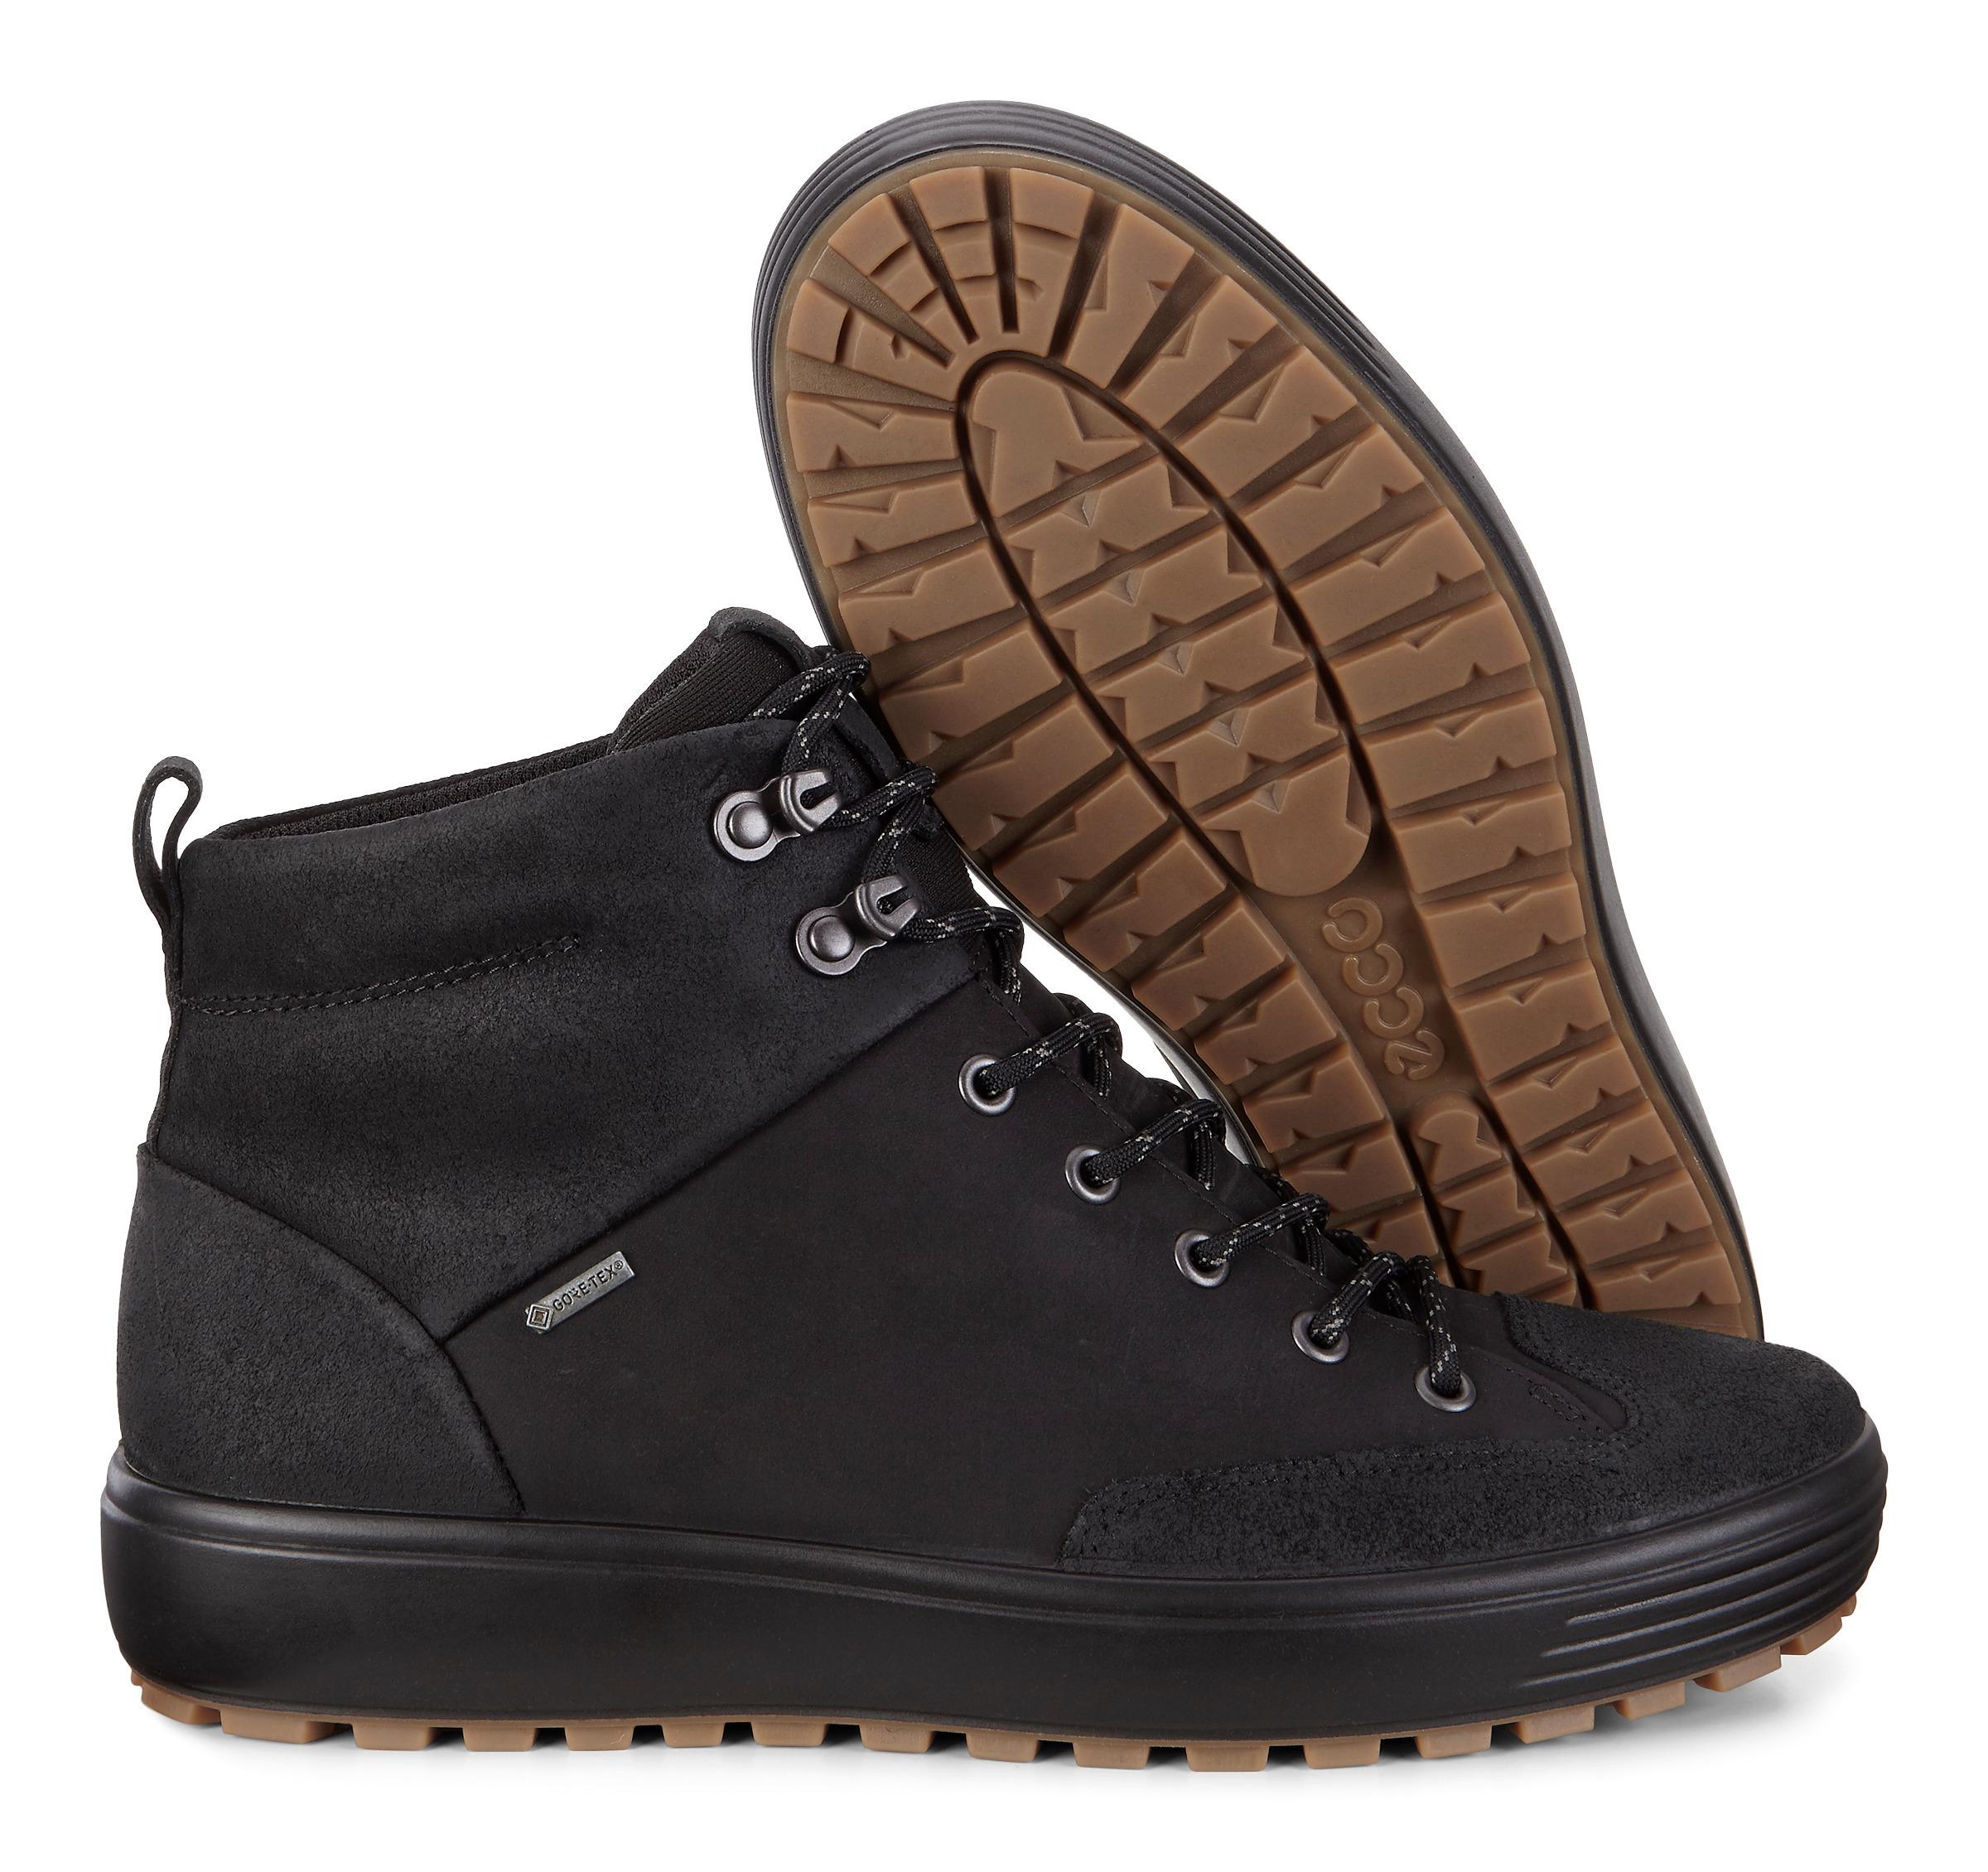 ECCO Soft 7 Tred M Sneakerstiefel Herrenstiefel